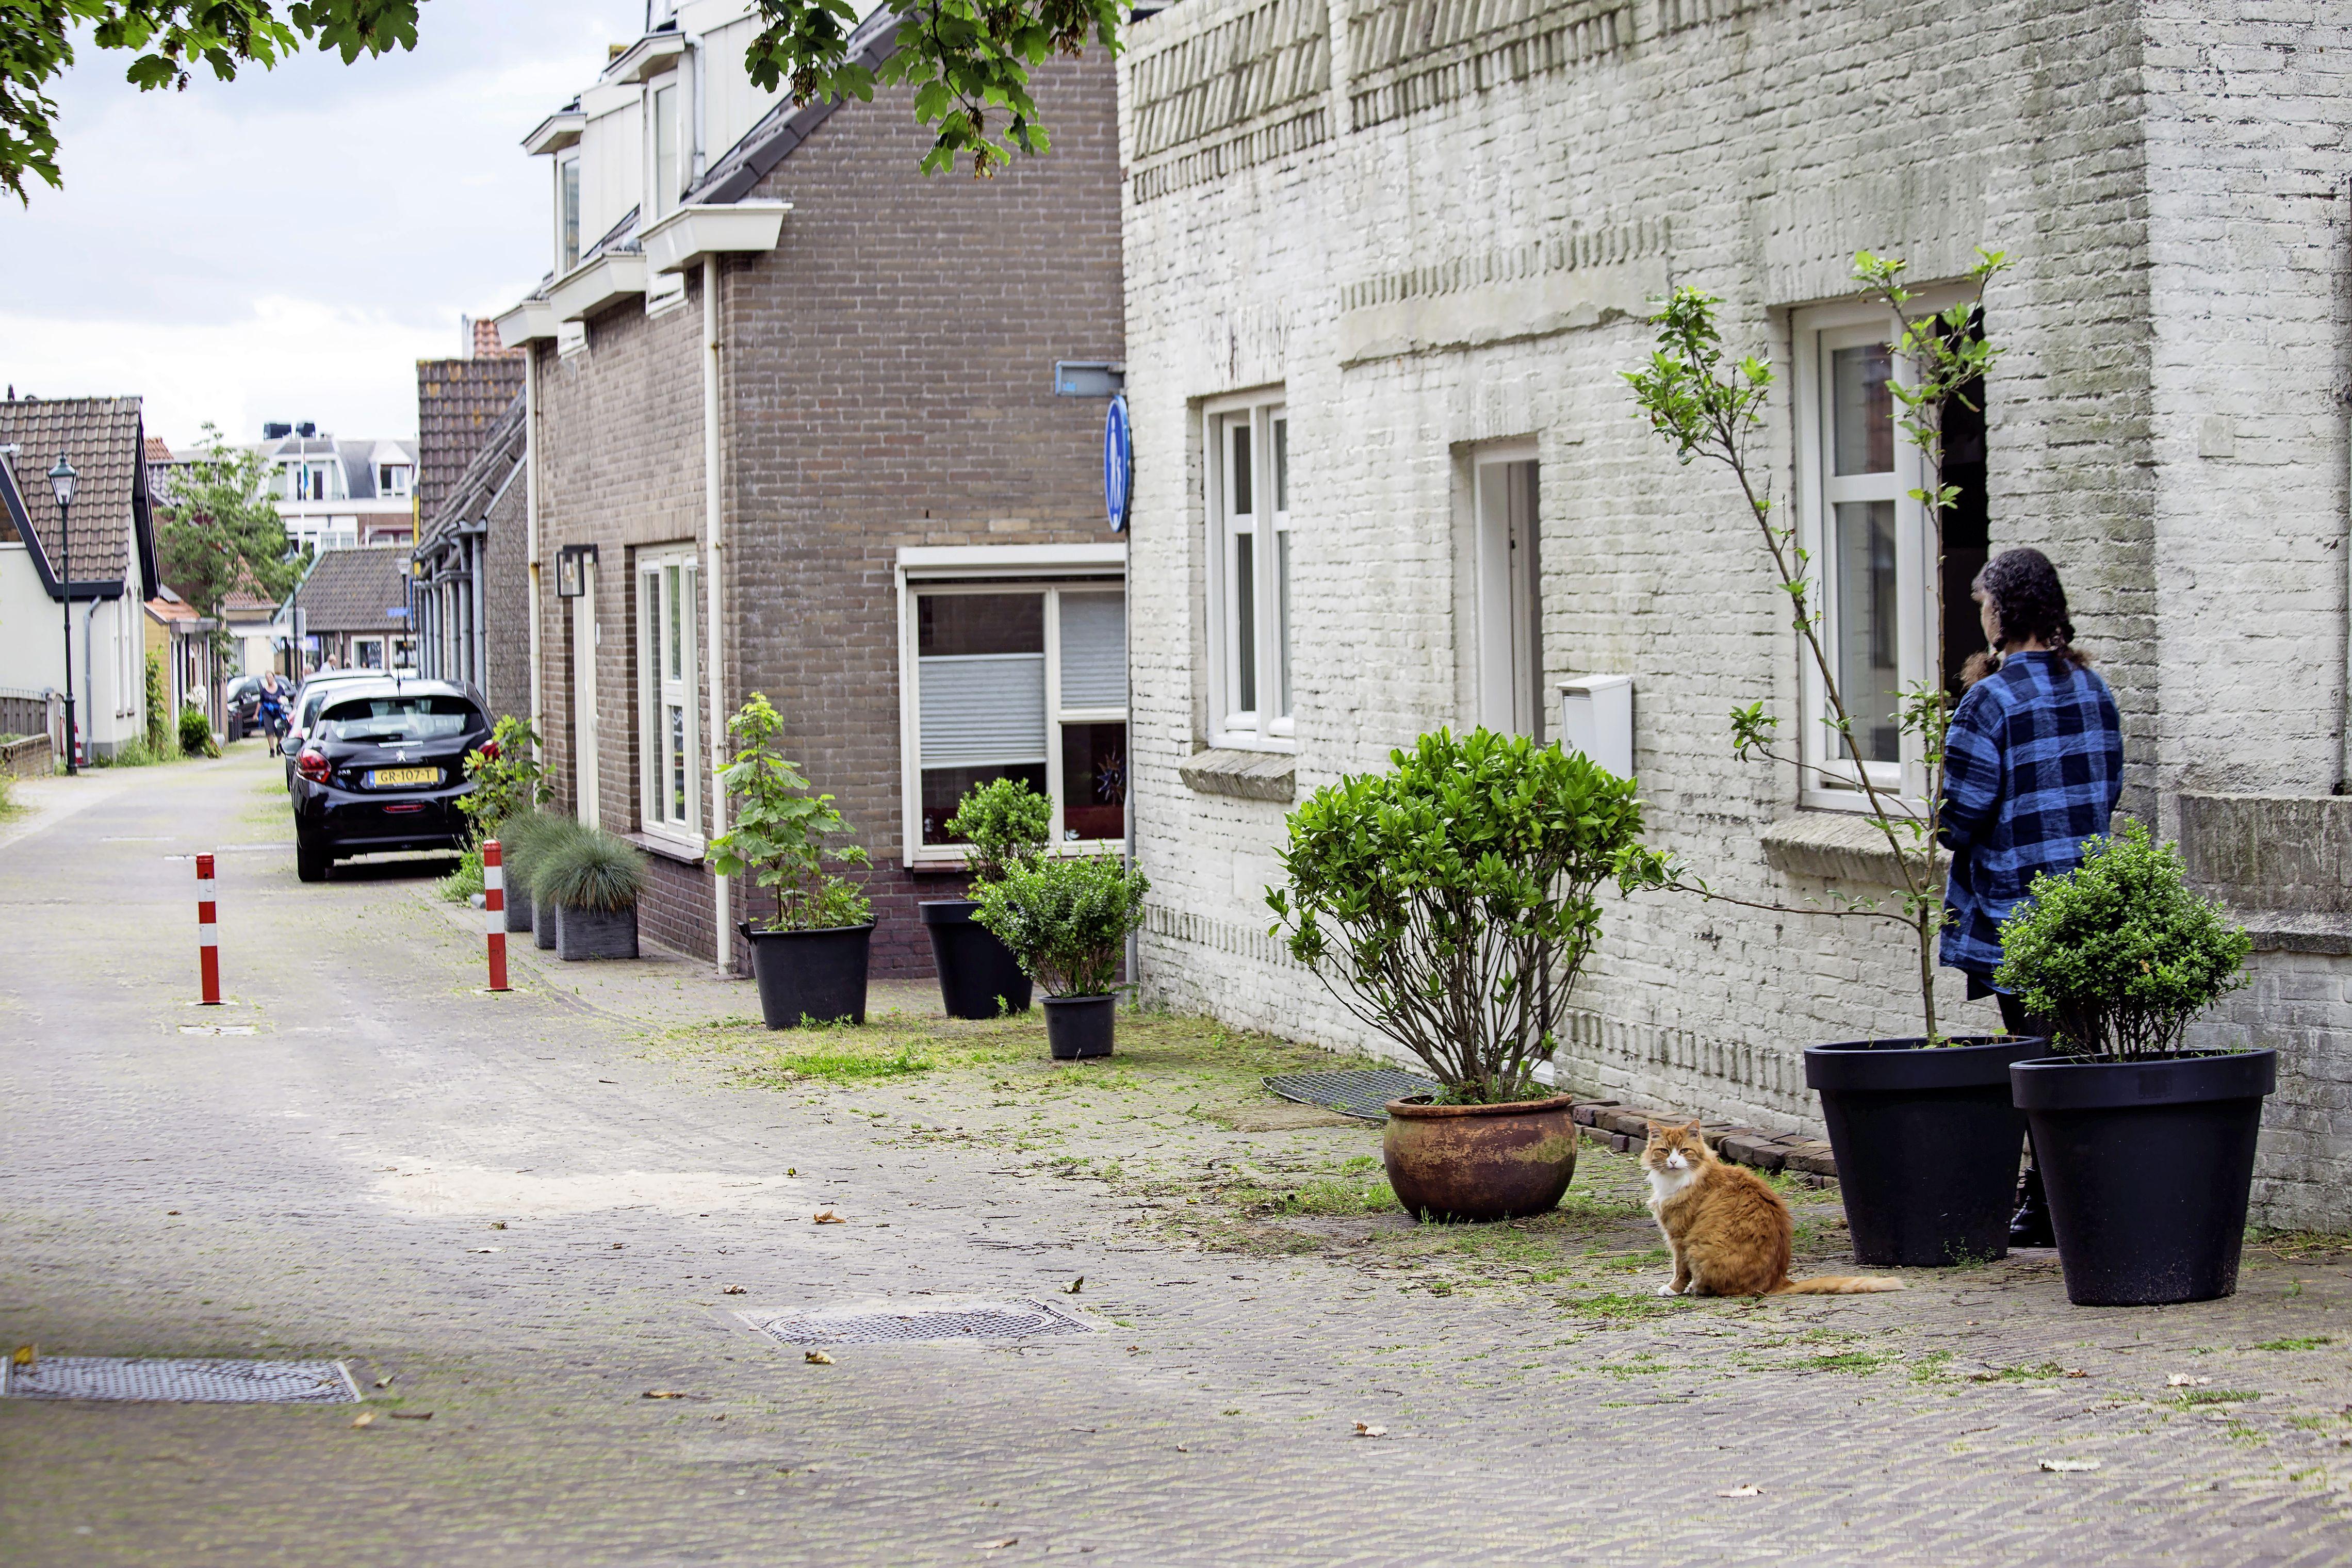 Rijtje plantenbakken voor de deur om hardnekkig foutparkeren tegen te gaan: het mag niet. Gemeente dreigt met boete van 5.000 euro. 'Dat is 500 euro per plant!'